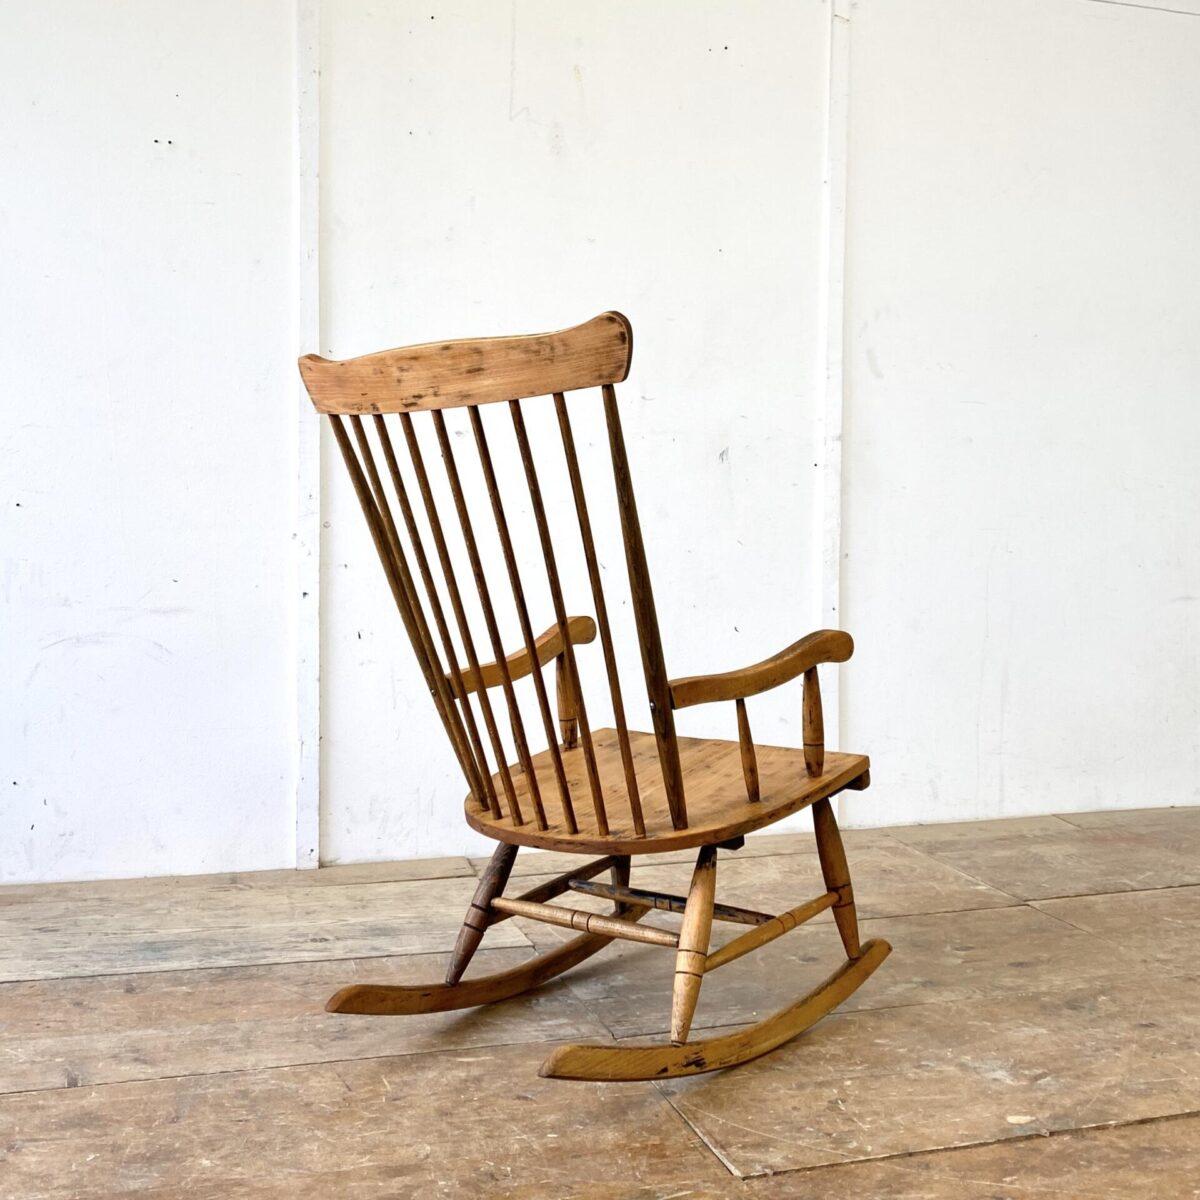 Deuxieme.shop antiker Schaukelstuhl. Alter Buchenholz Schaukelstuhl mit Sprossen Rückenlehne. Sitzhöhe ca. 40cm. Die Holzverbindungen sind stabil, die Sitzfläche hat eine leichte Sitzmulde. Der Sessel wurde mal abgelaugt und geölt. Alterspatina und etwas Rückstände der alten Beize, aber insgesamt eine warme homogene Ausstrahlung.